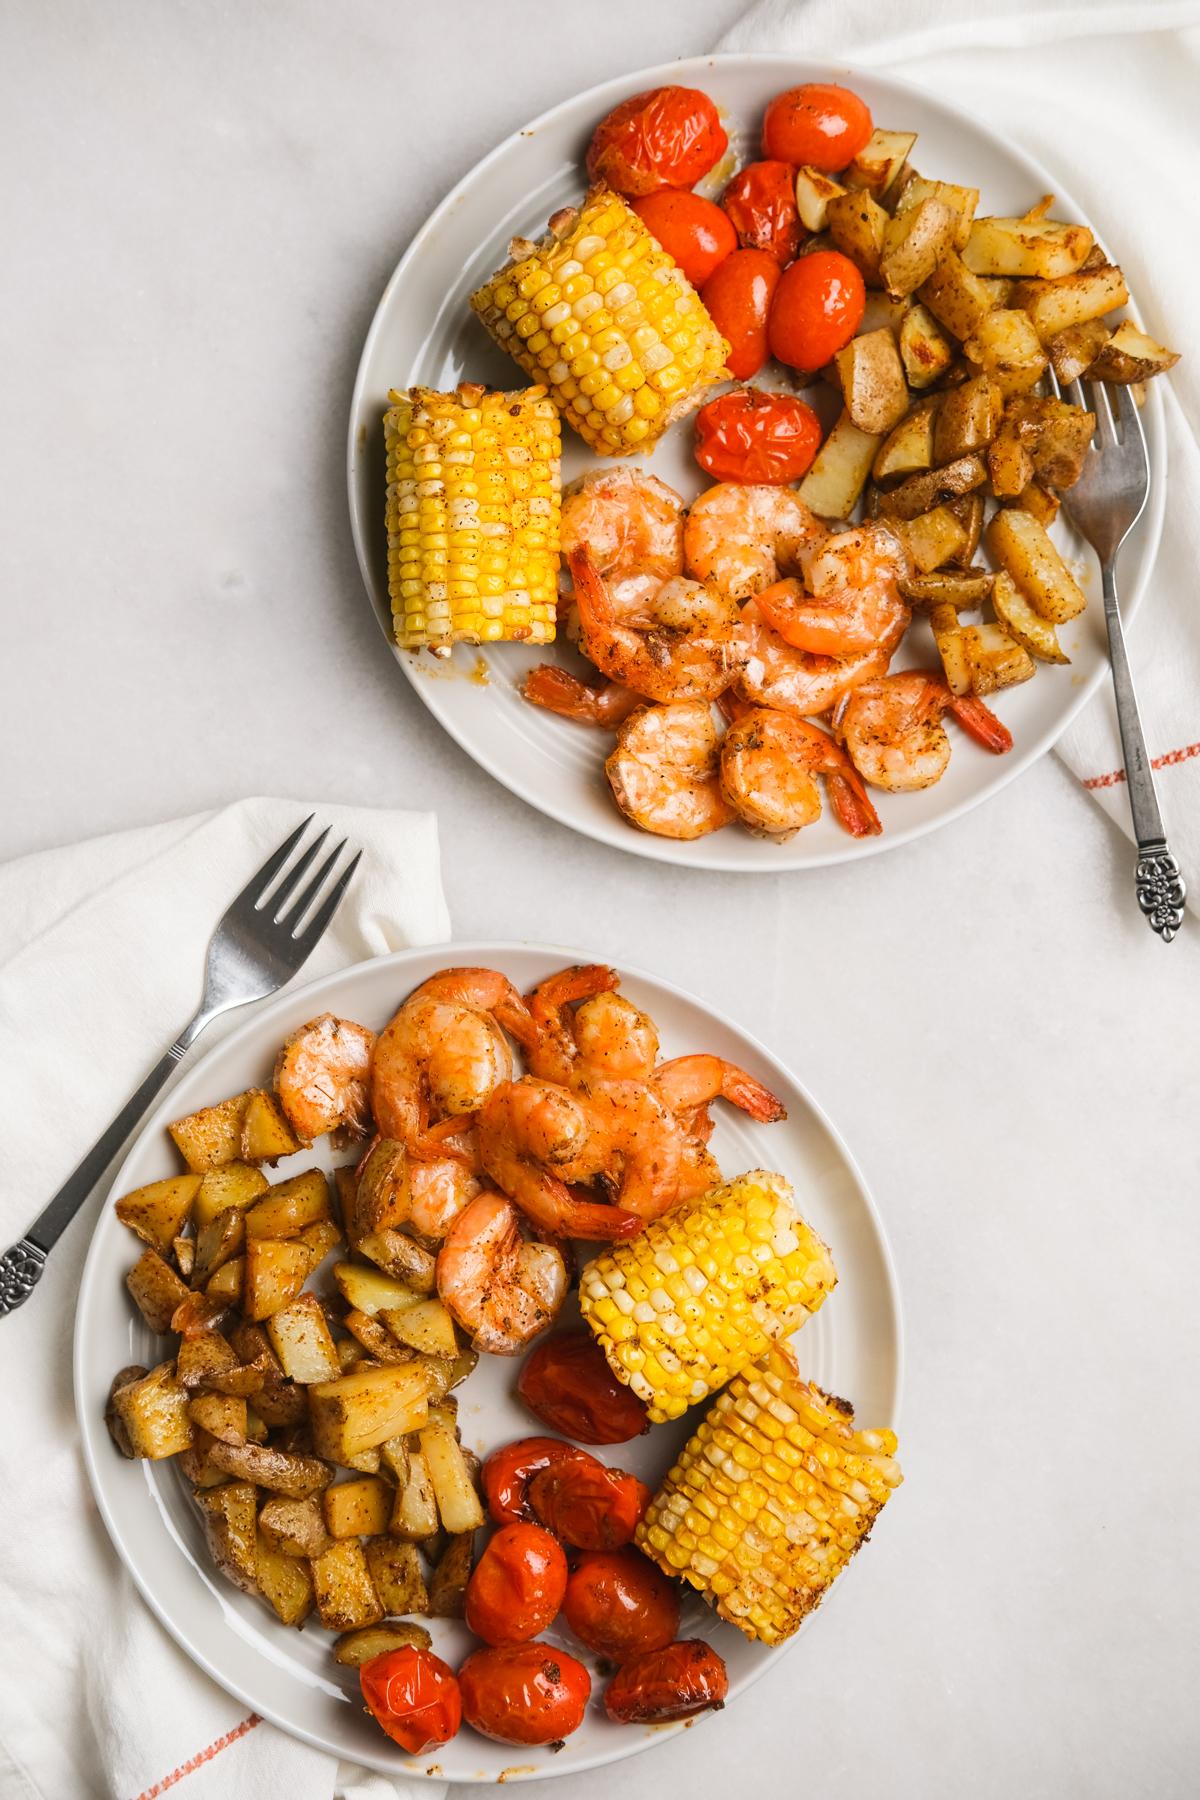 cajun inspired shrimp dinner